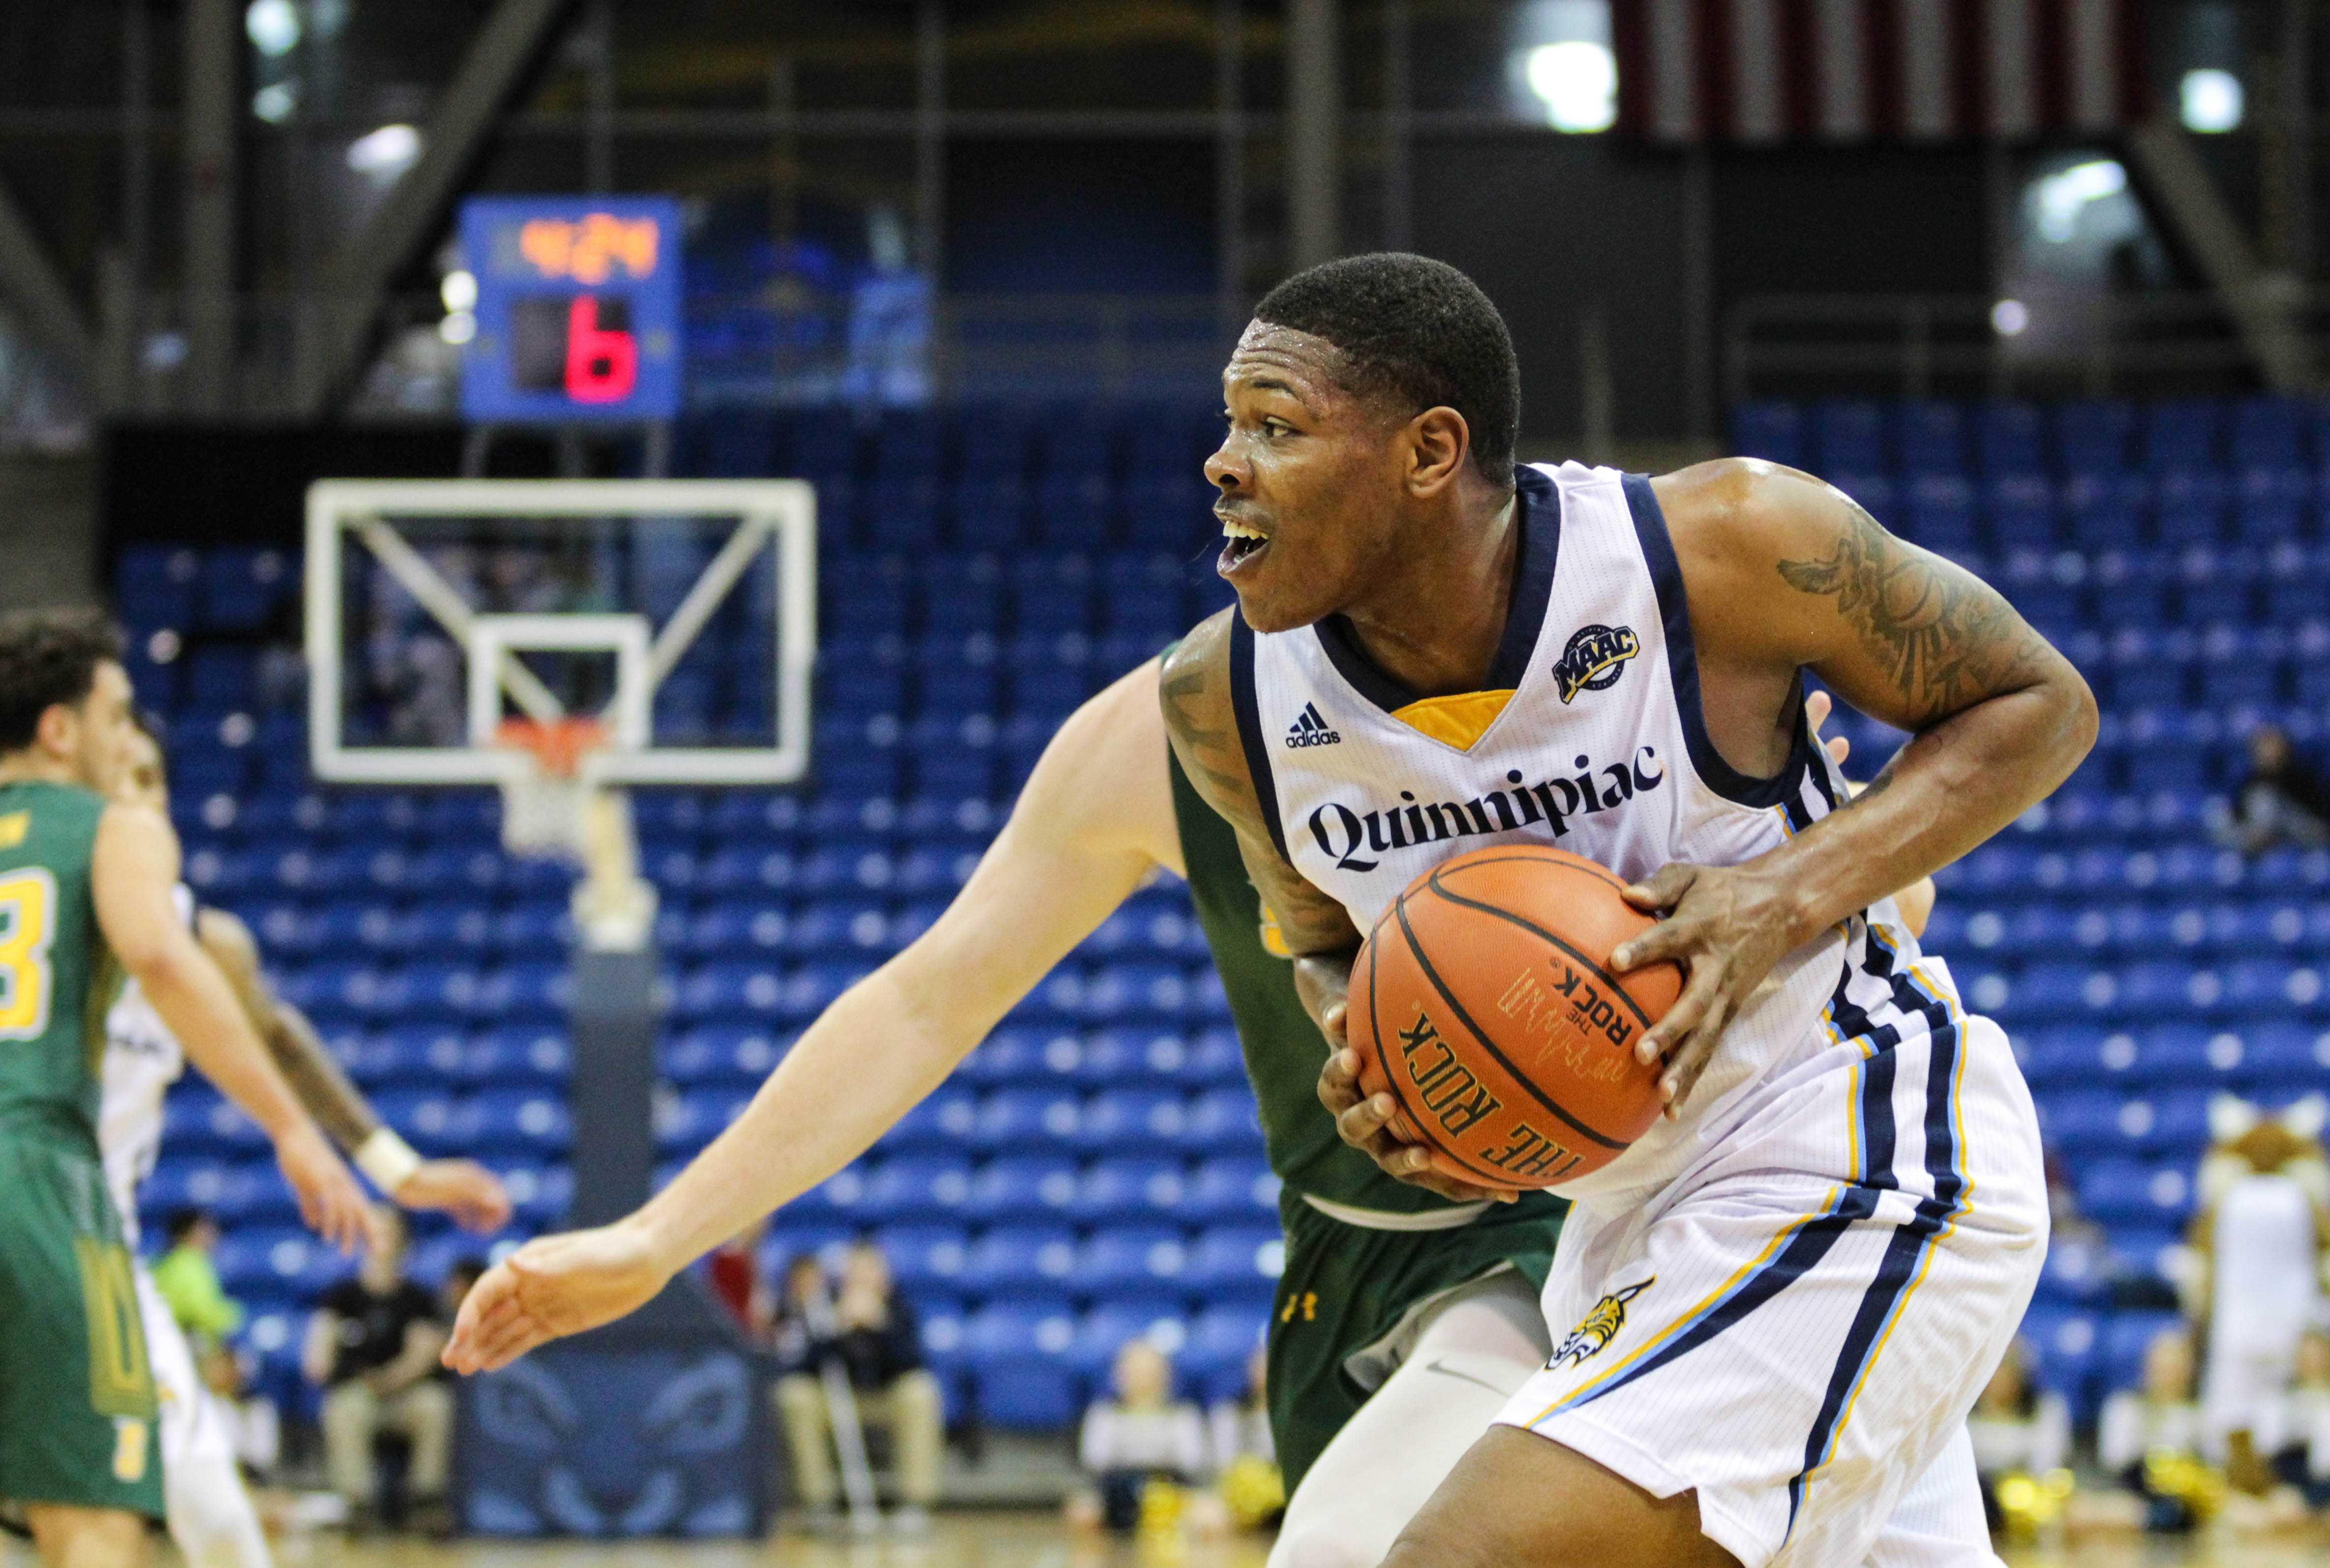 Quinnipiac men's basketball handles Siena in 76-69 win